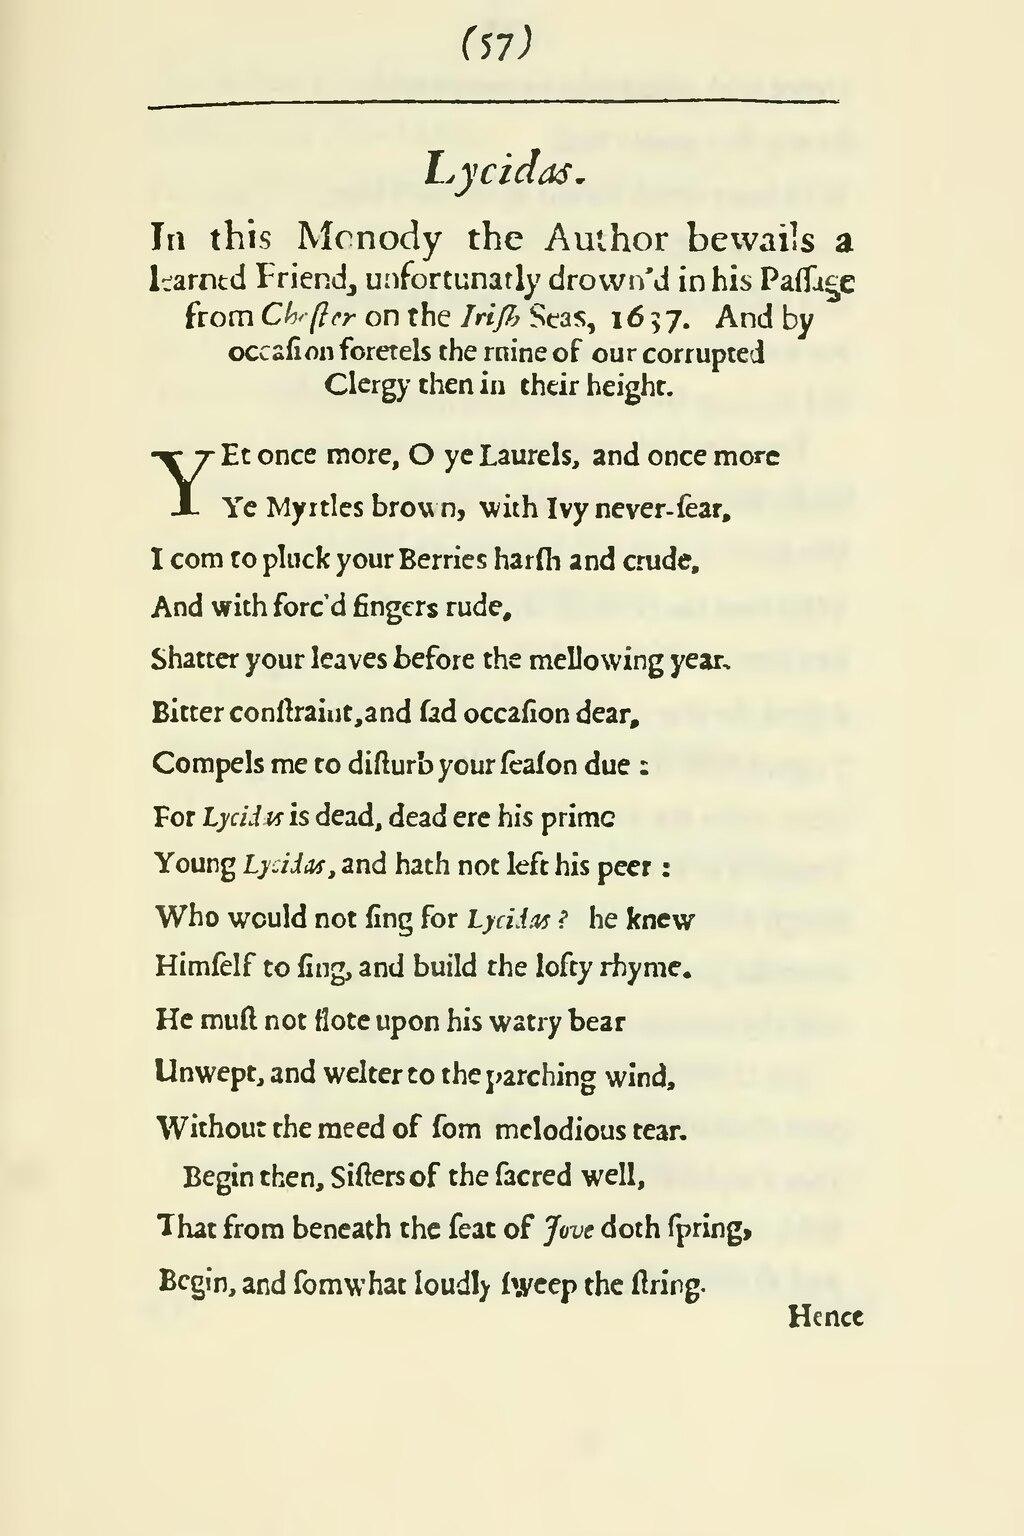 lycidas poem